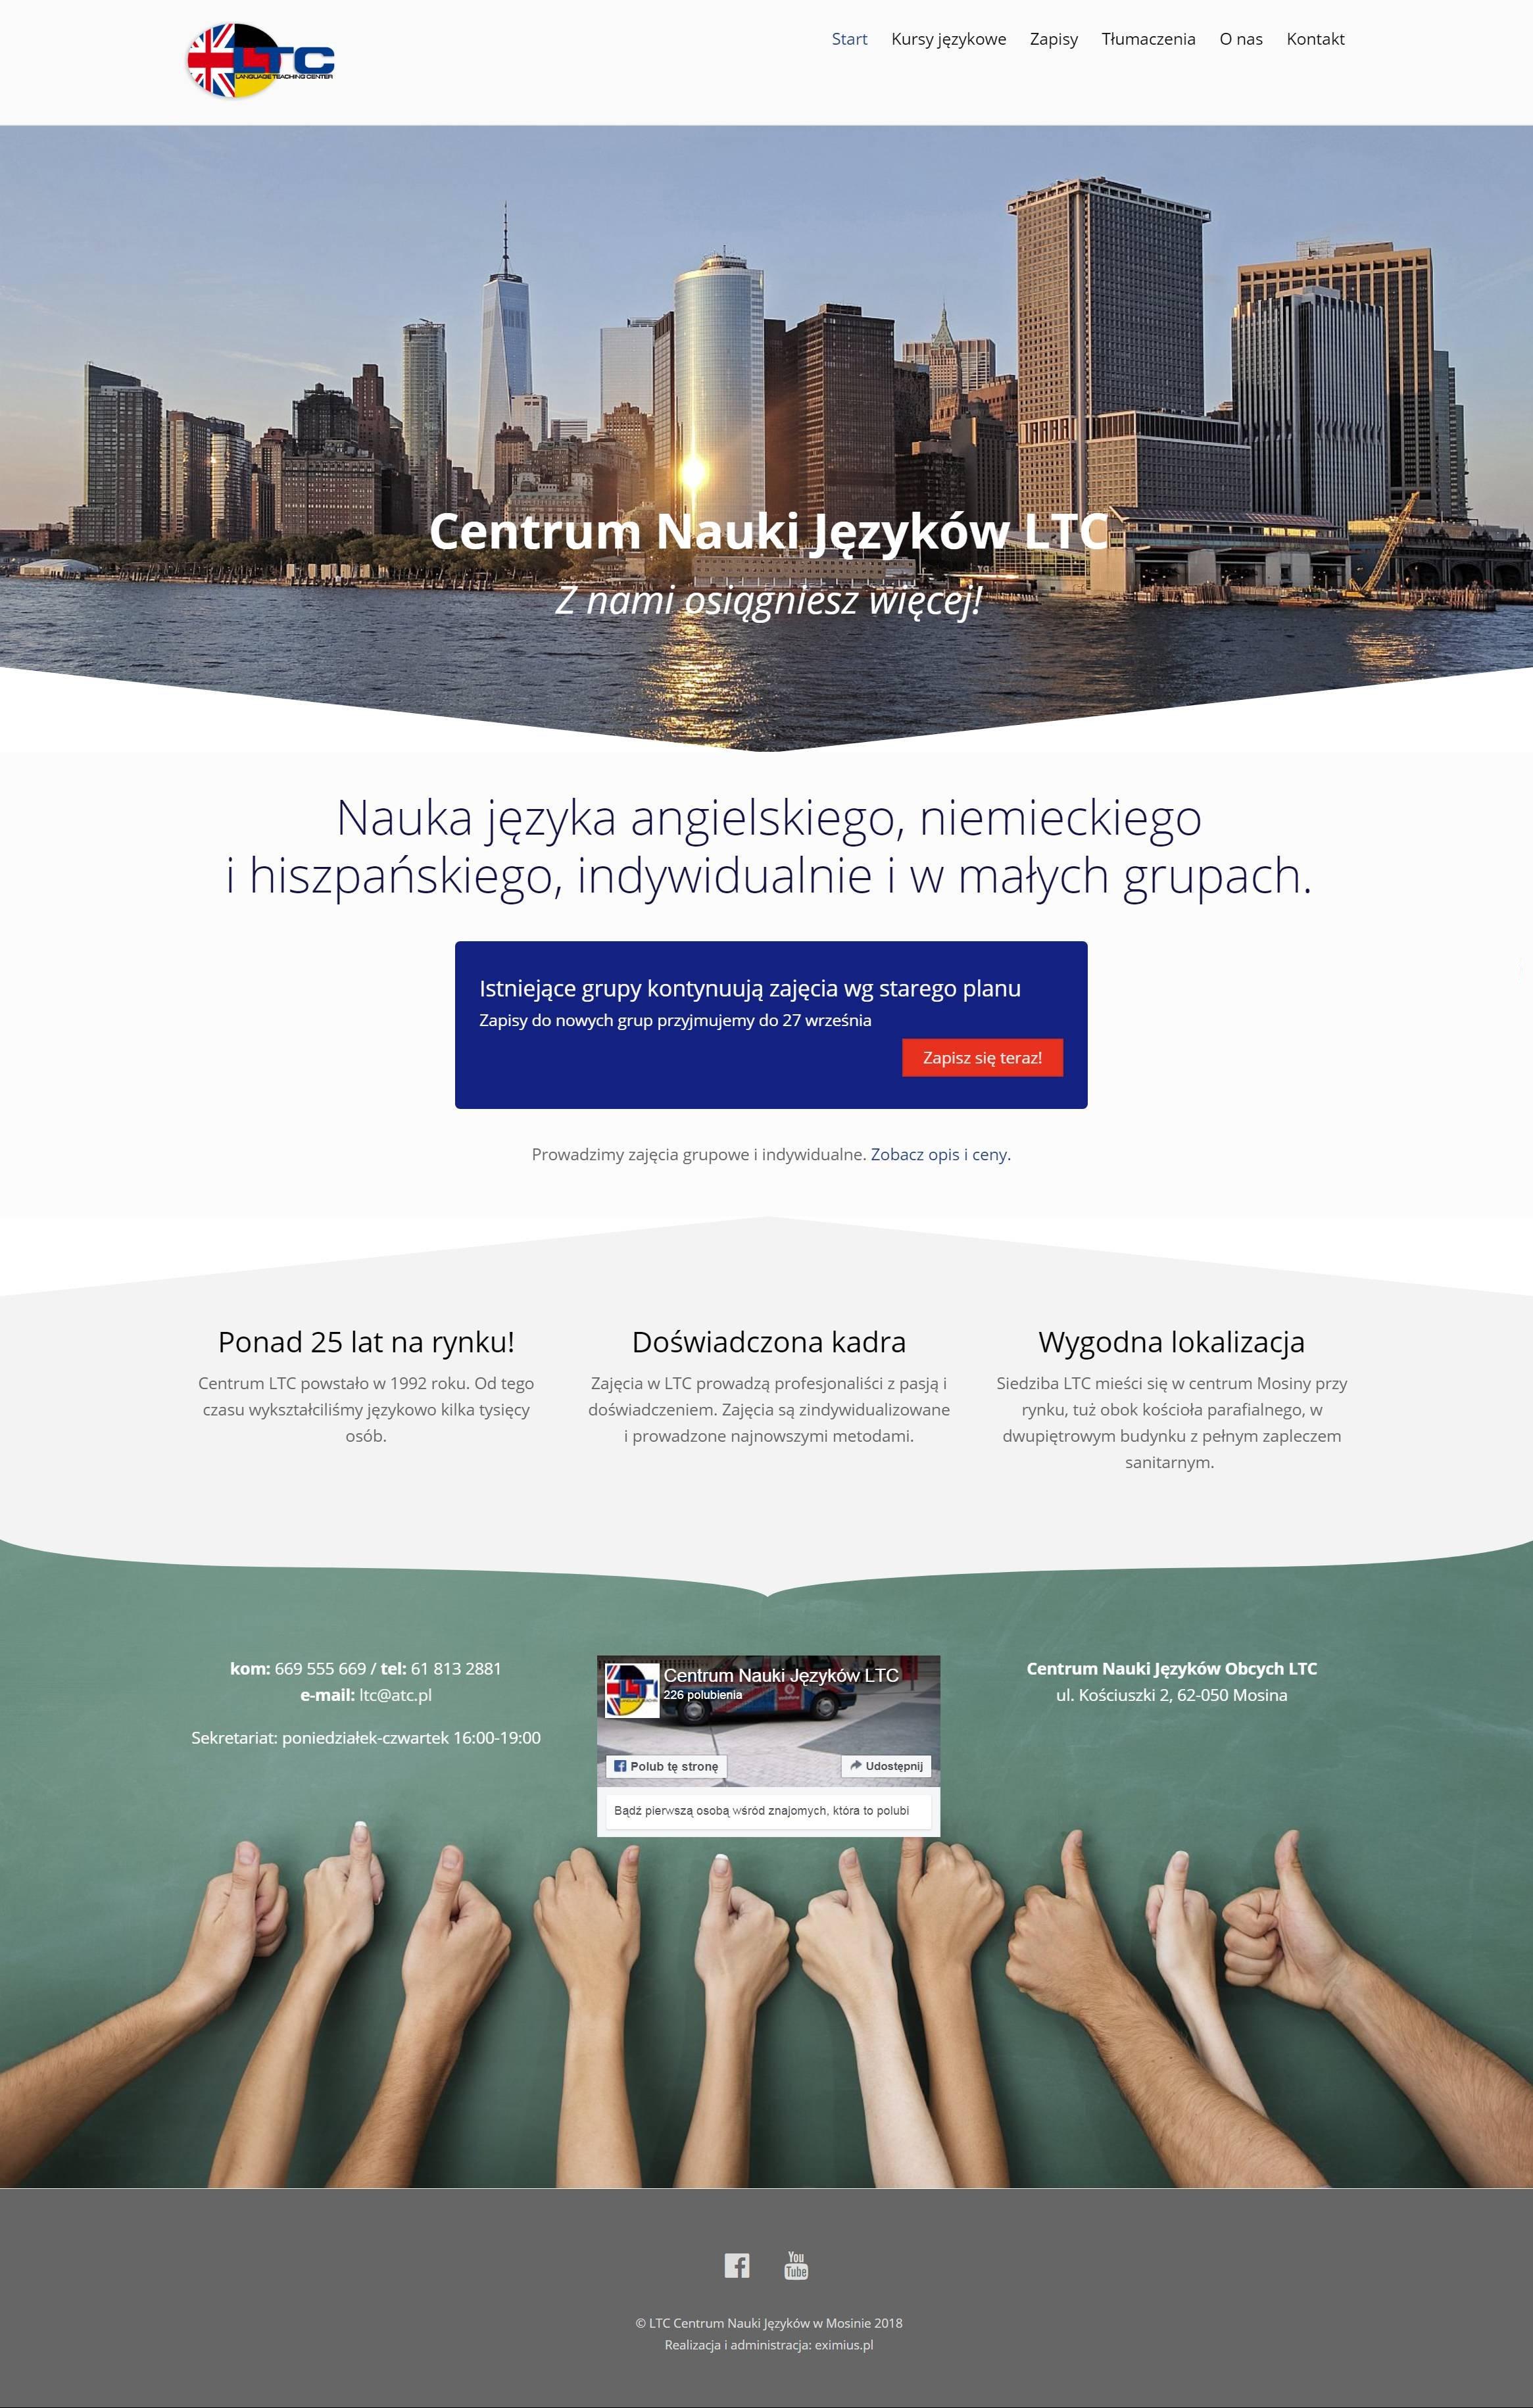 projektowanie-budowa-stron-internetowych-wordpress-responsywne-strony-www_szkola-jezykowa-nauka-jezyka